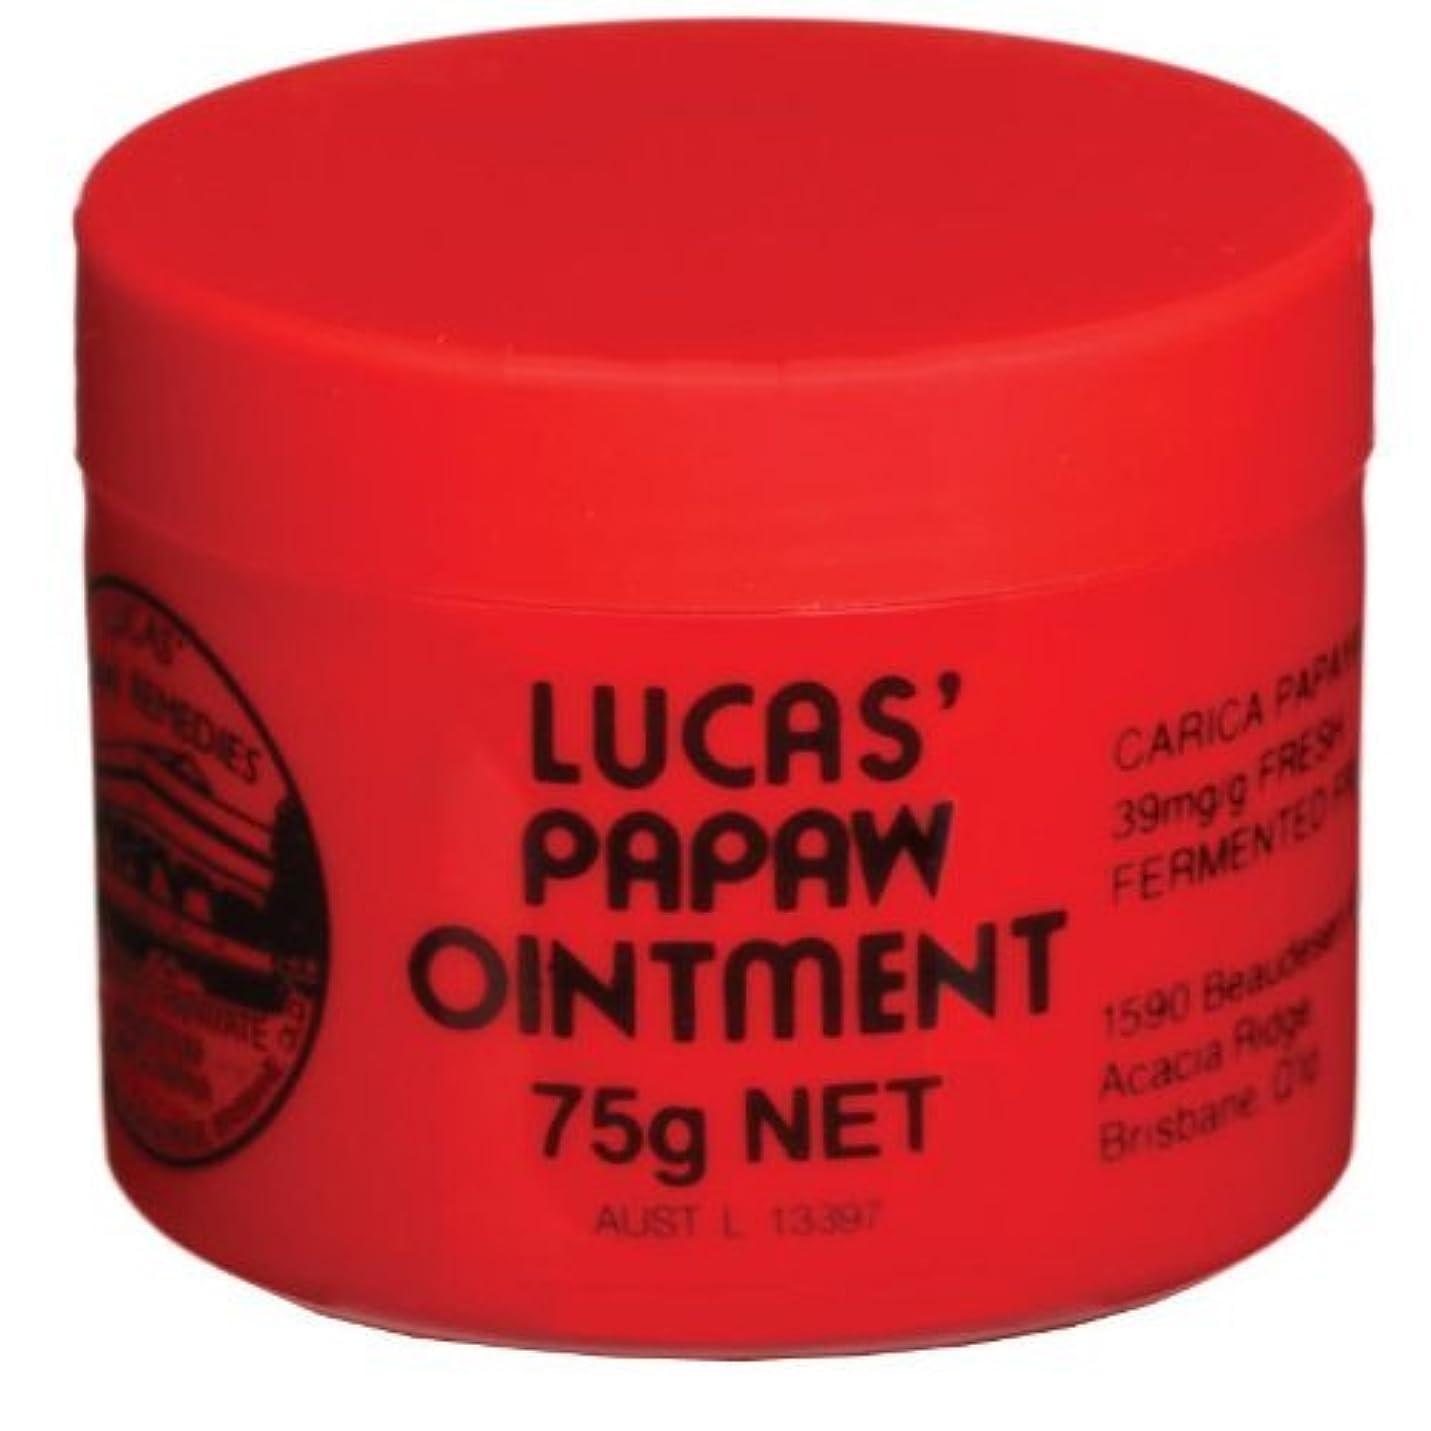 十ボイラーくしゃくしゃ[Lucas' Papaw Ointment] ルーカスポーポークリーム 75g